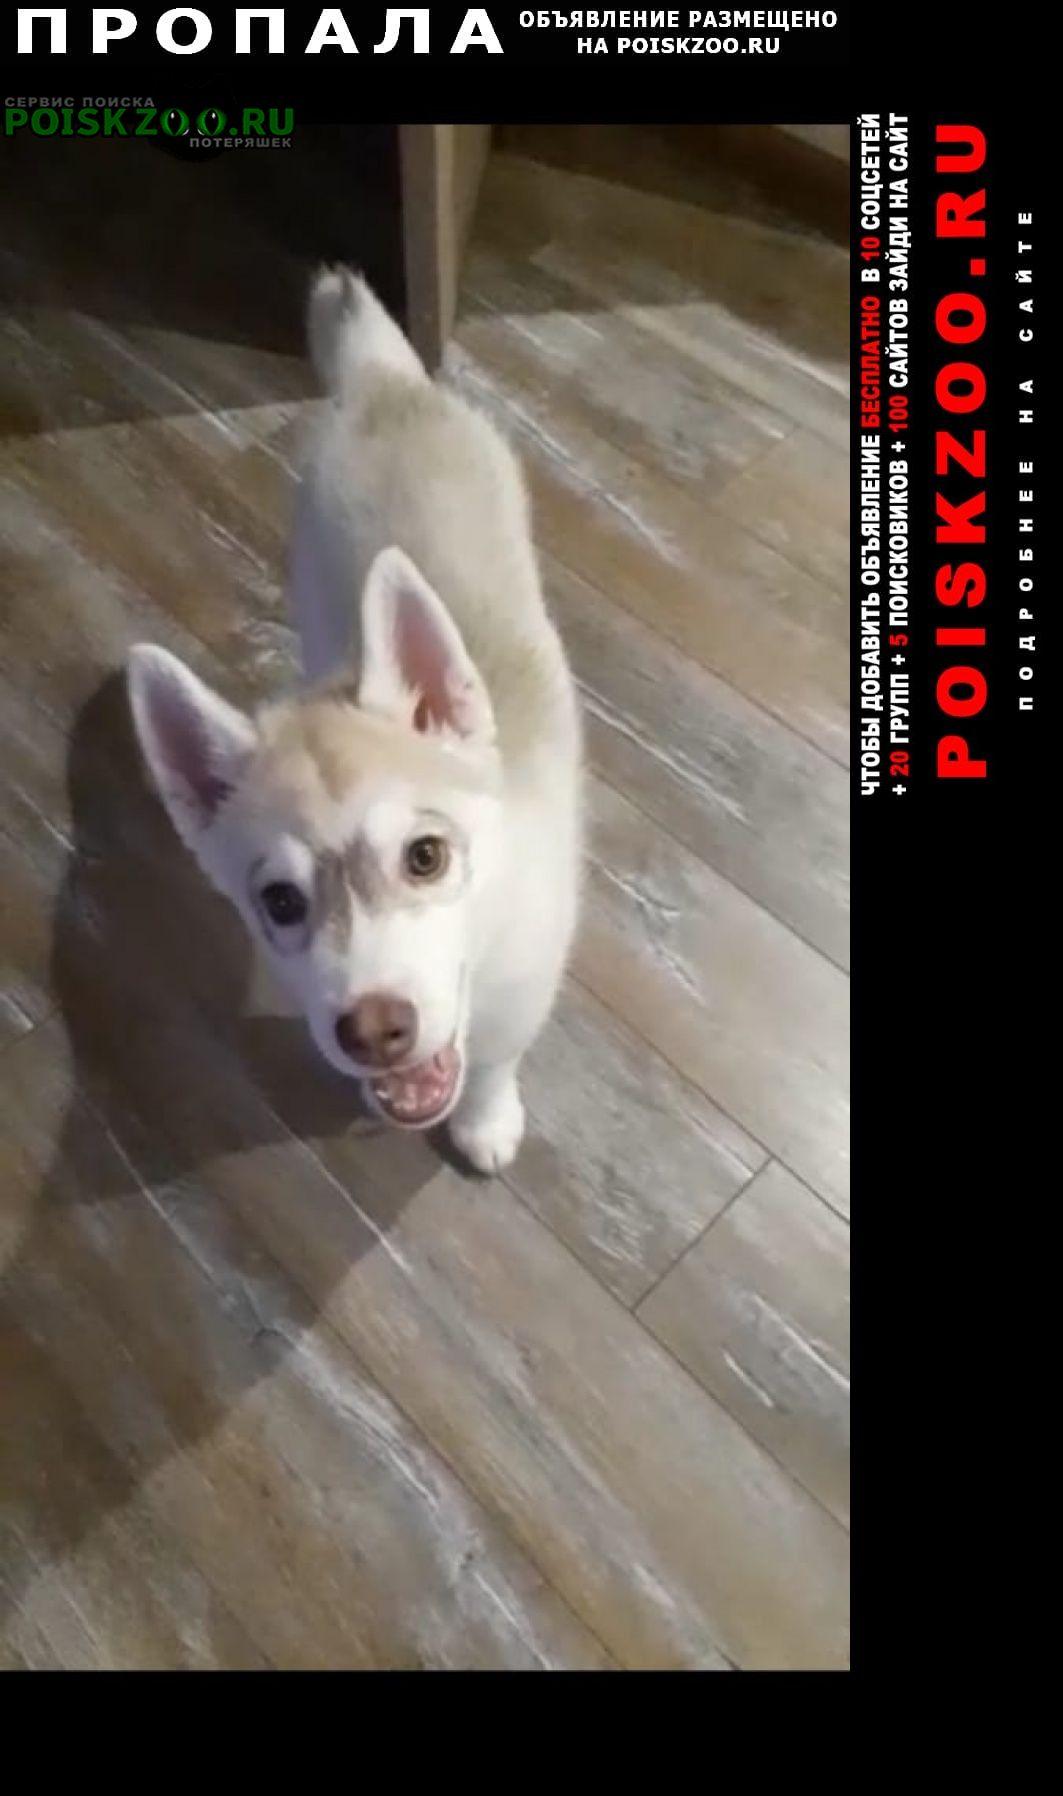 Пропала собака украден щенок хаски Пушкино